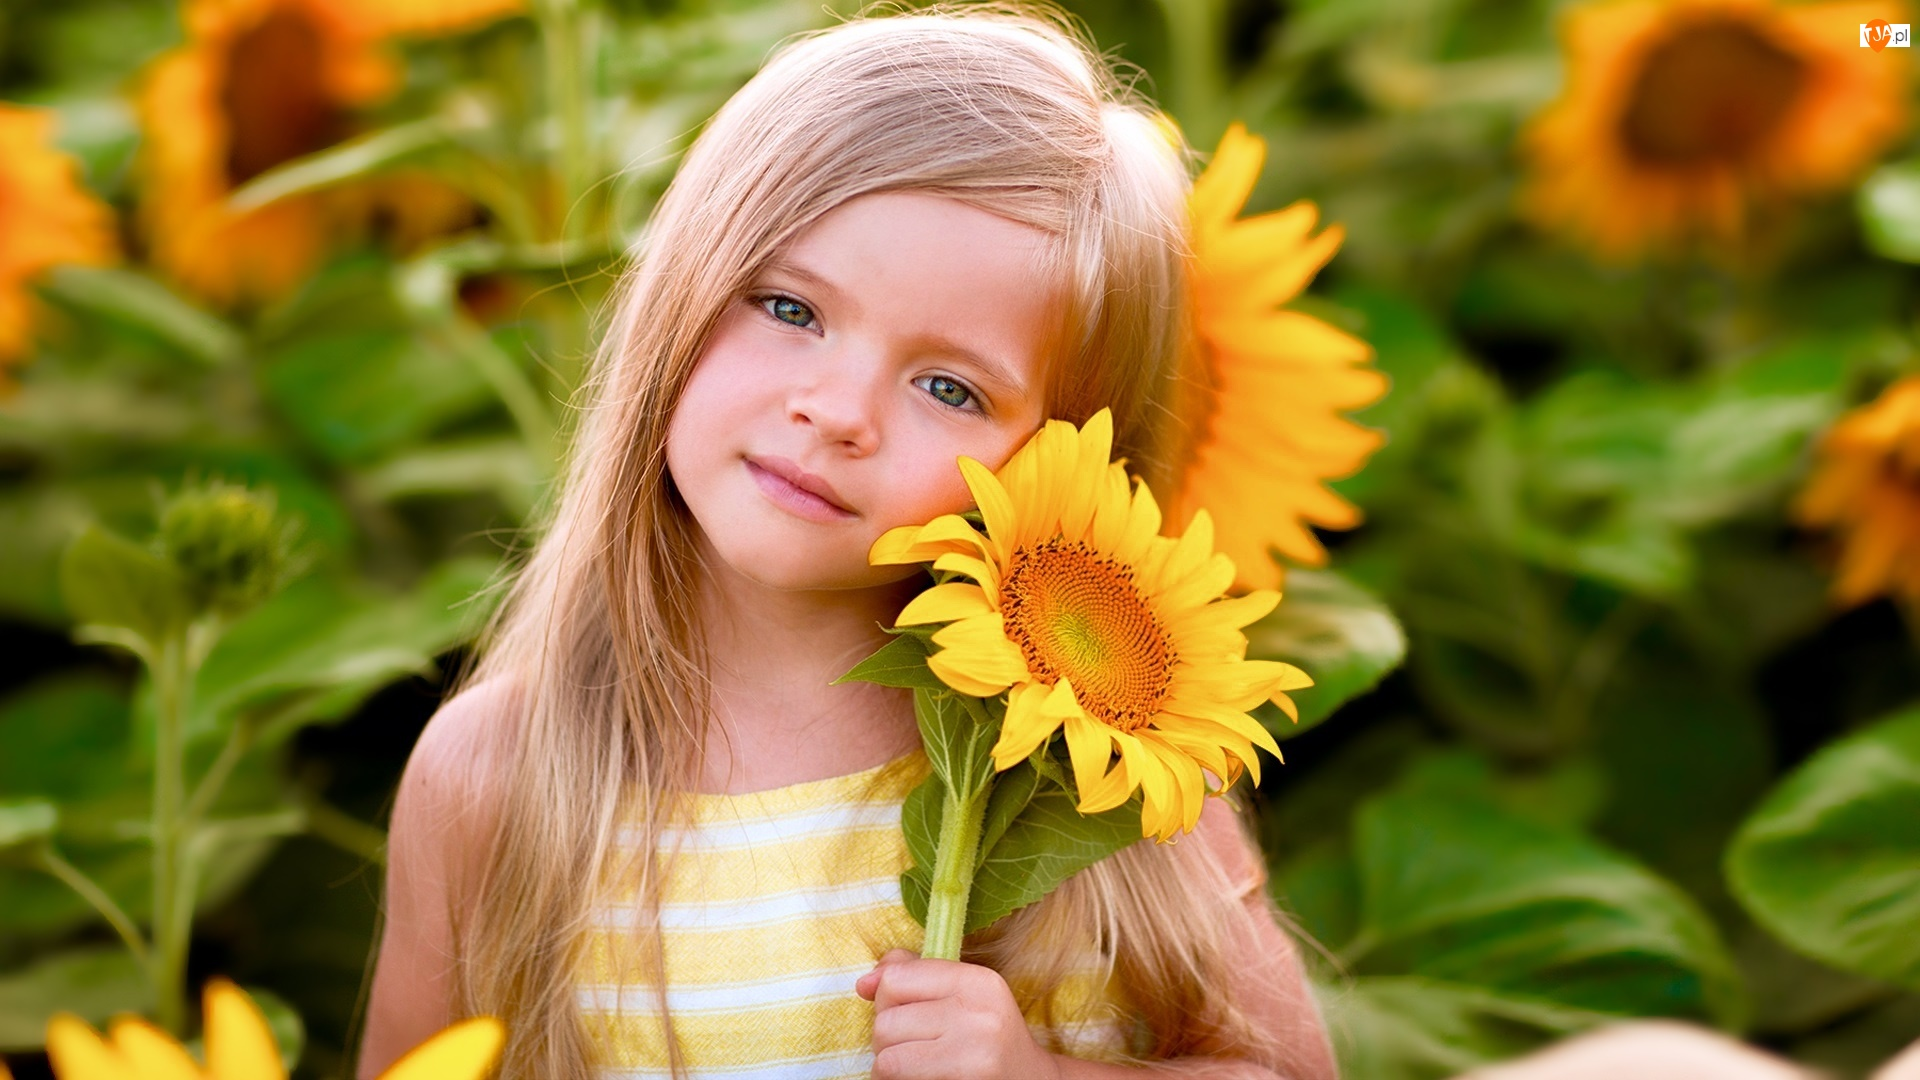 Słoneczniki, Dziewczynka, Blondynka